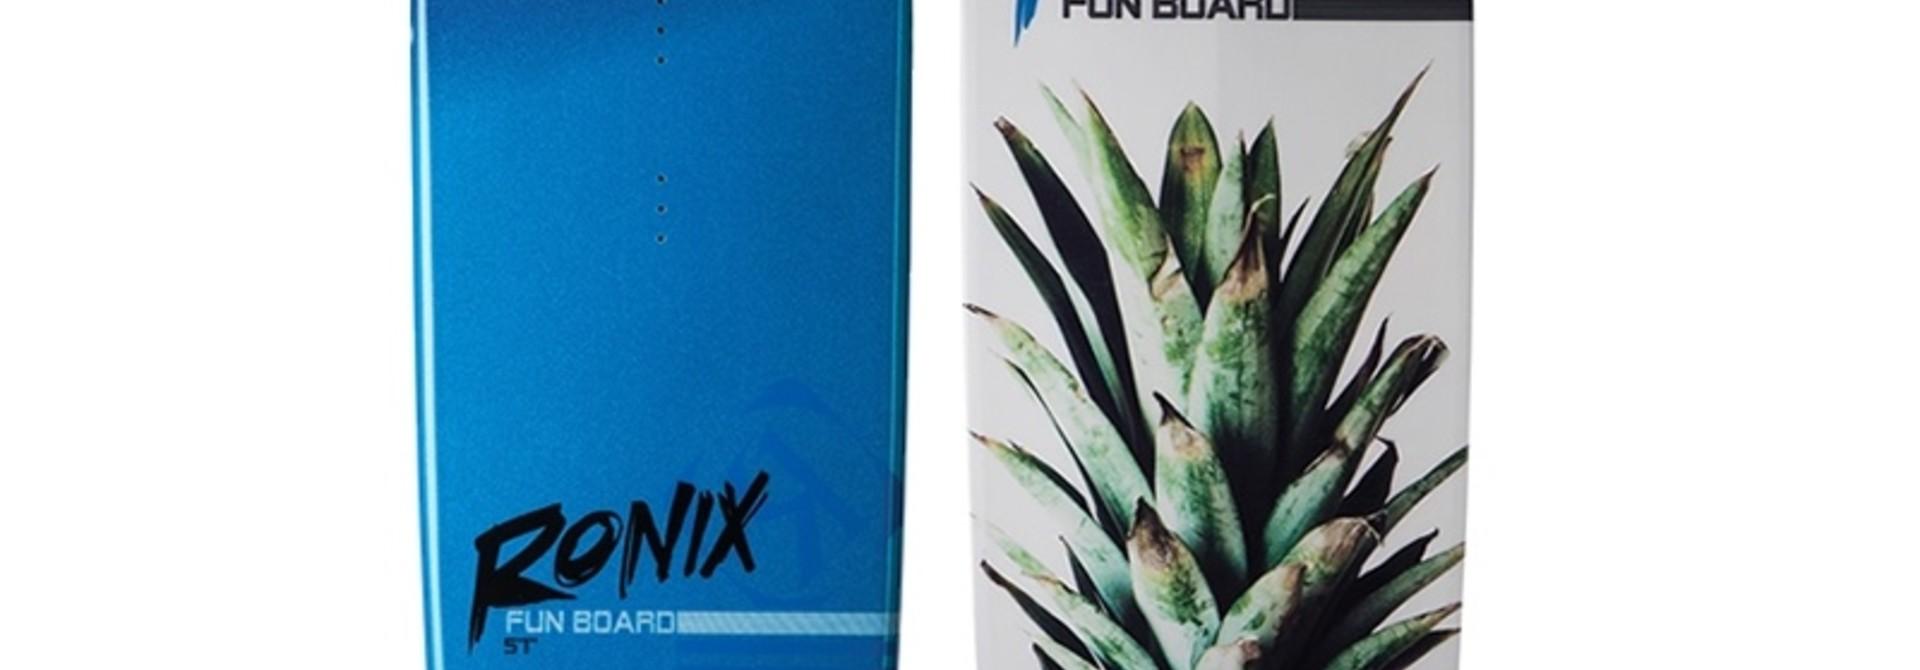 Fun Board - Metallic Blue - 5'1